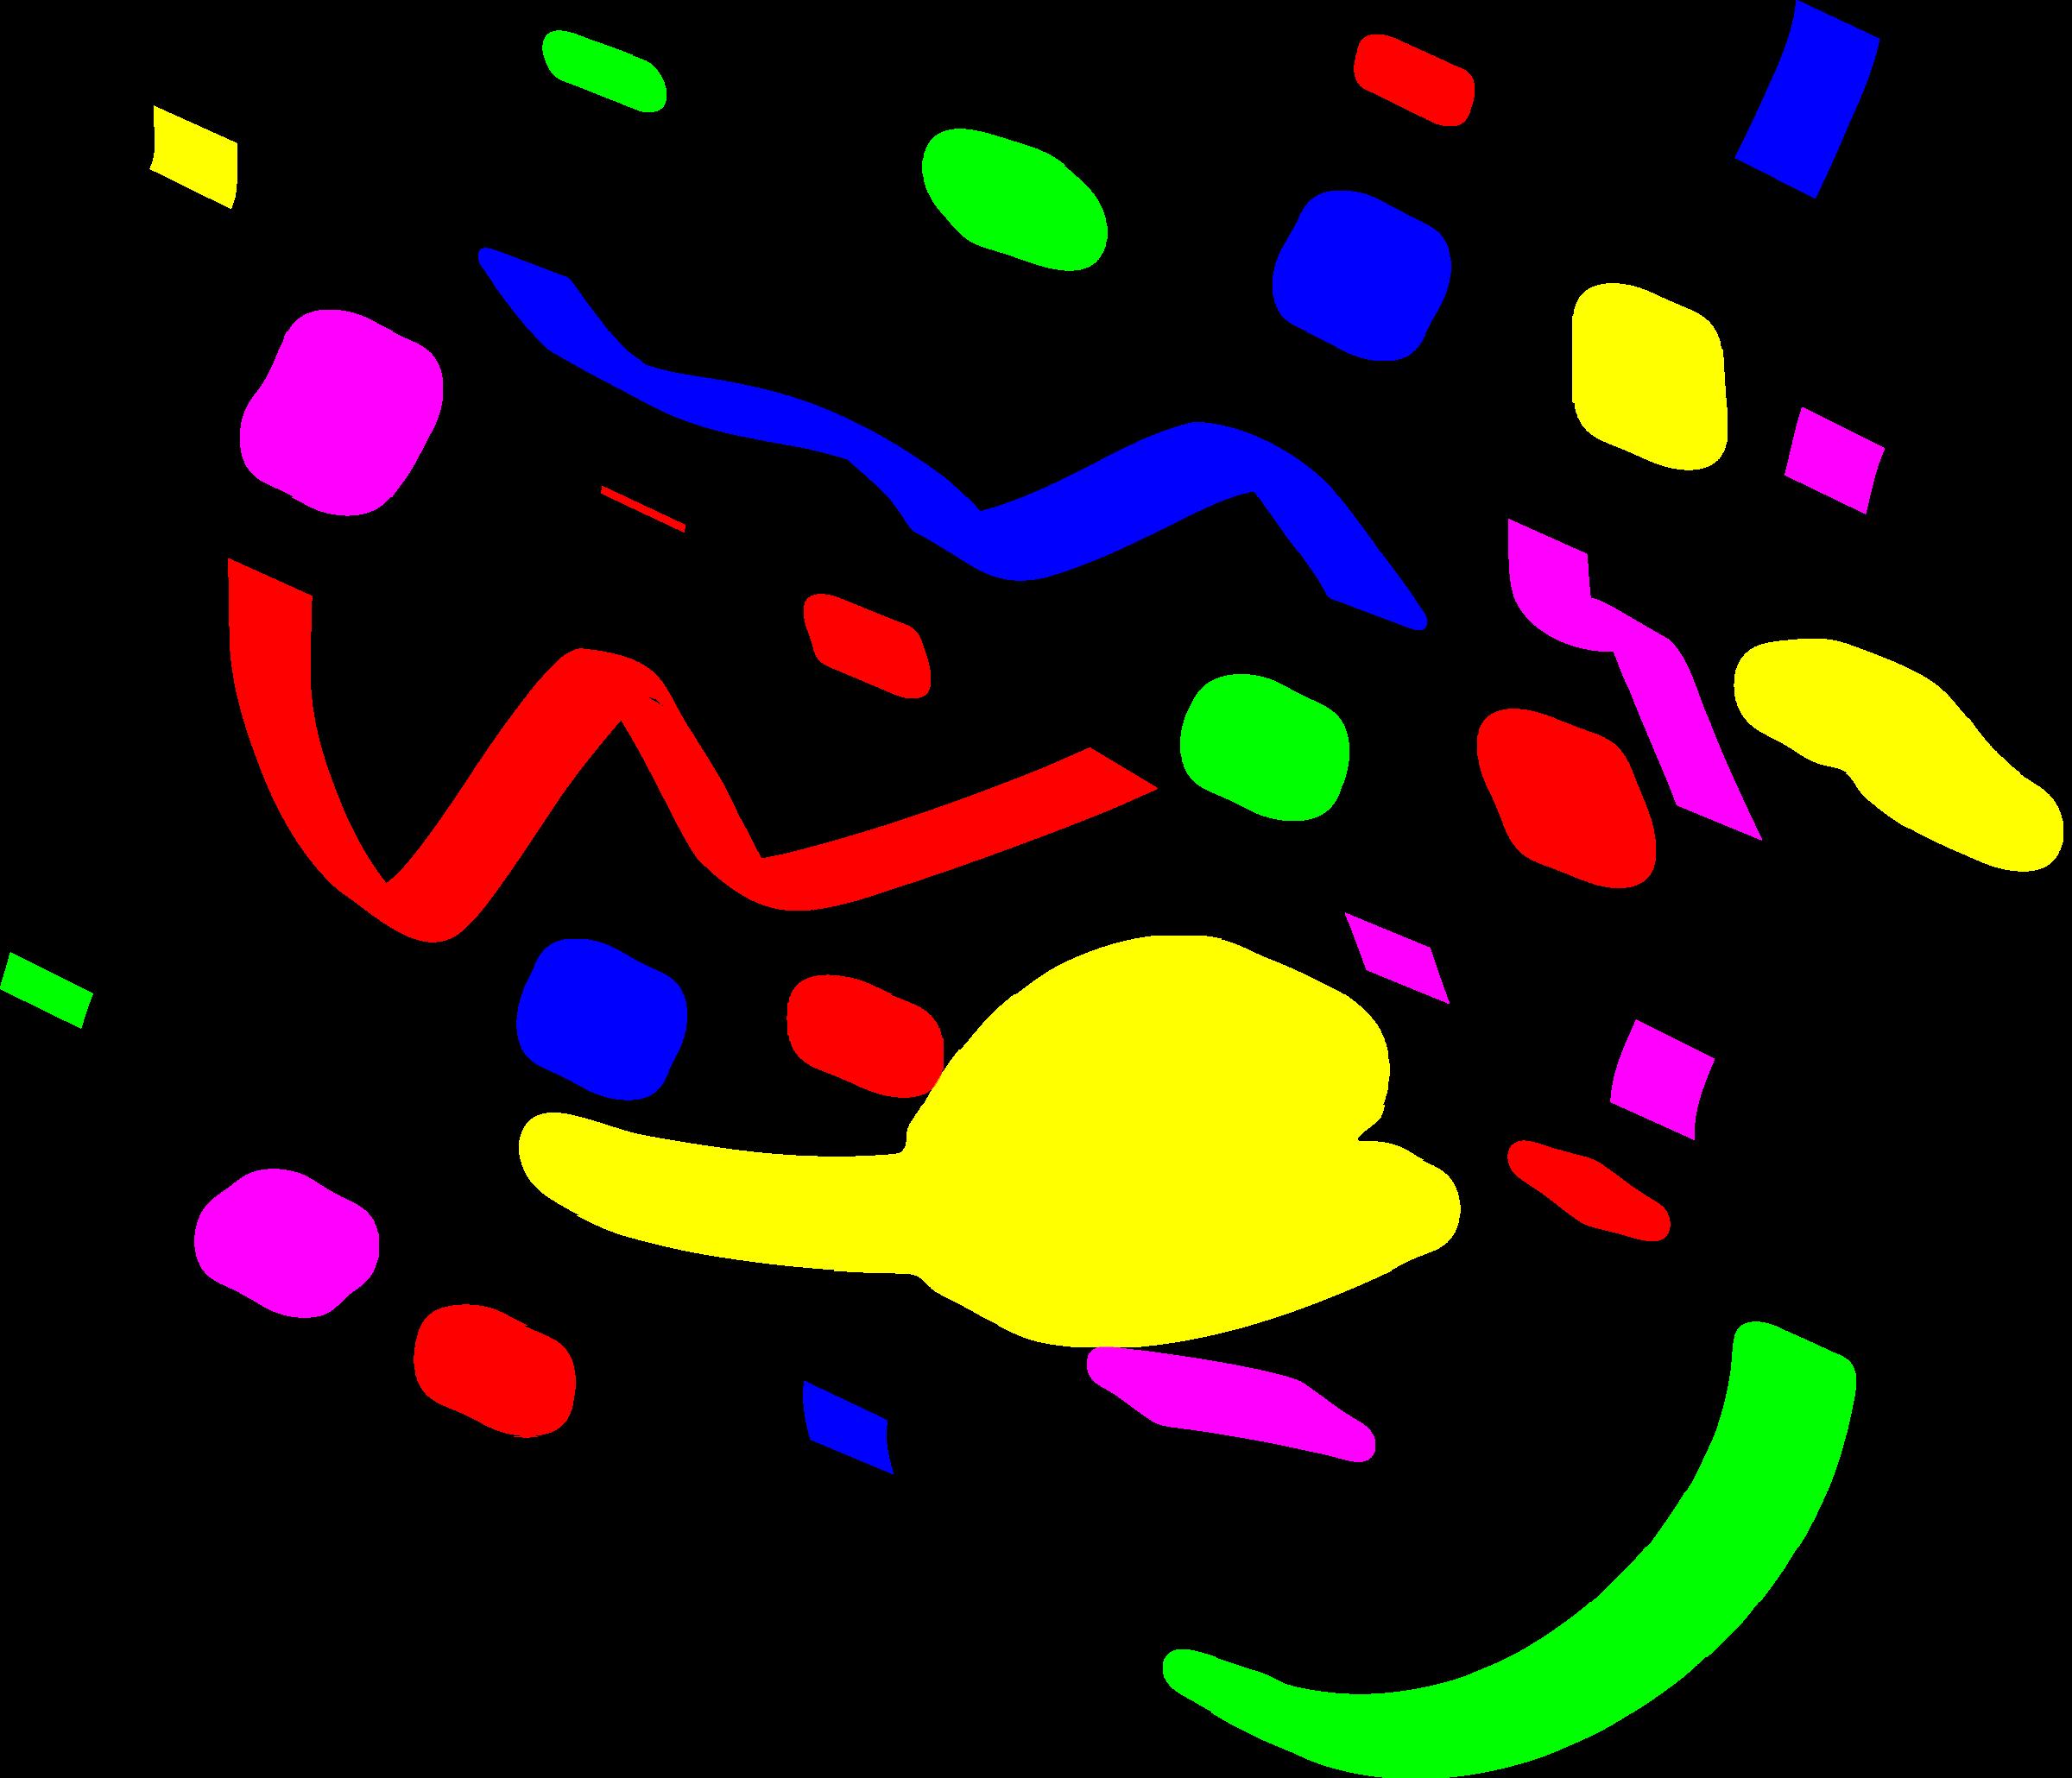 clipart confetti rh openclipart org confetti clipart png confetti clip art transparent background